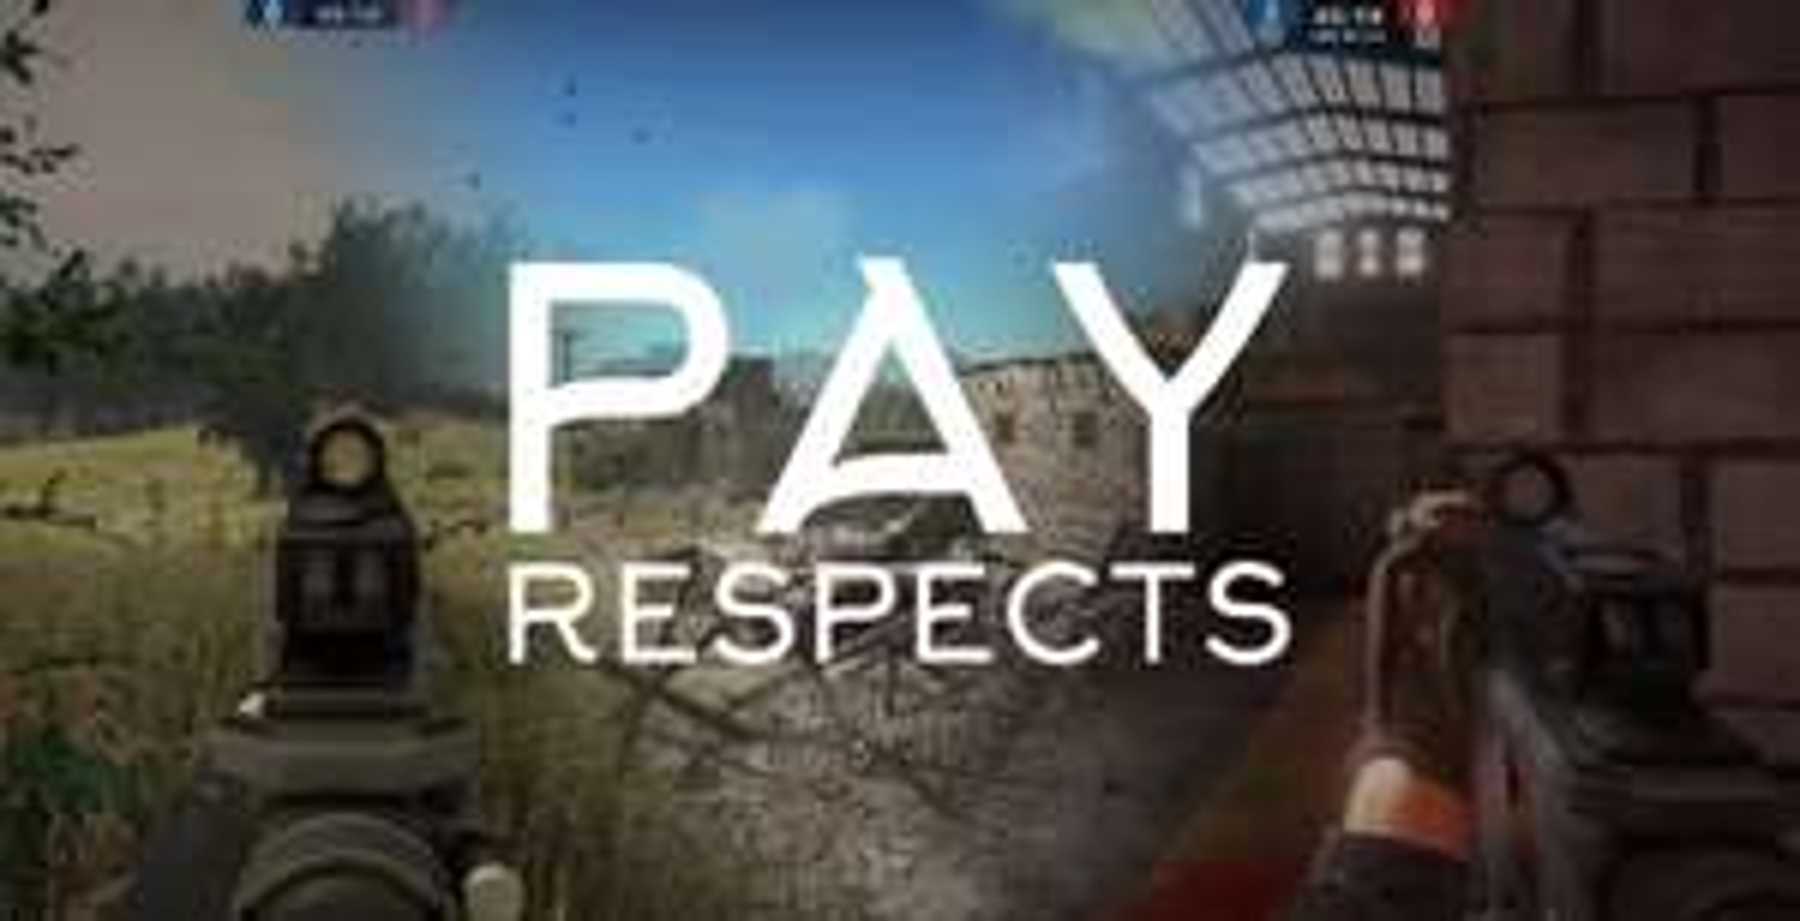 Gioco gratuito Pay Respects su PC